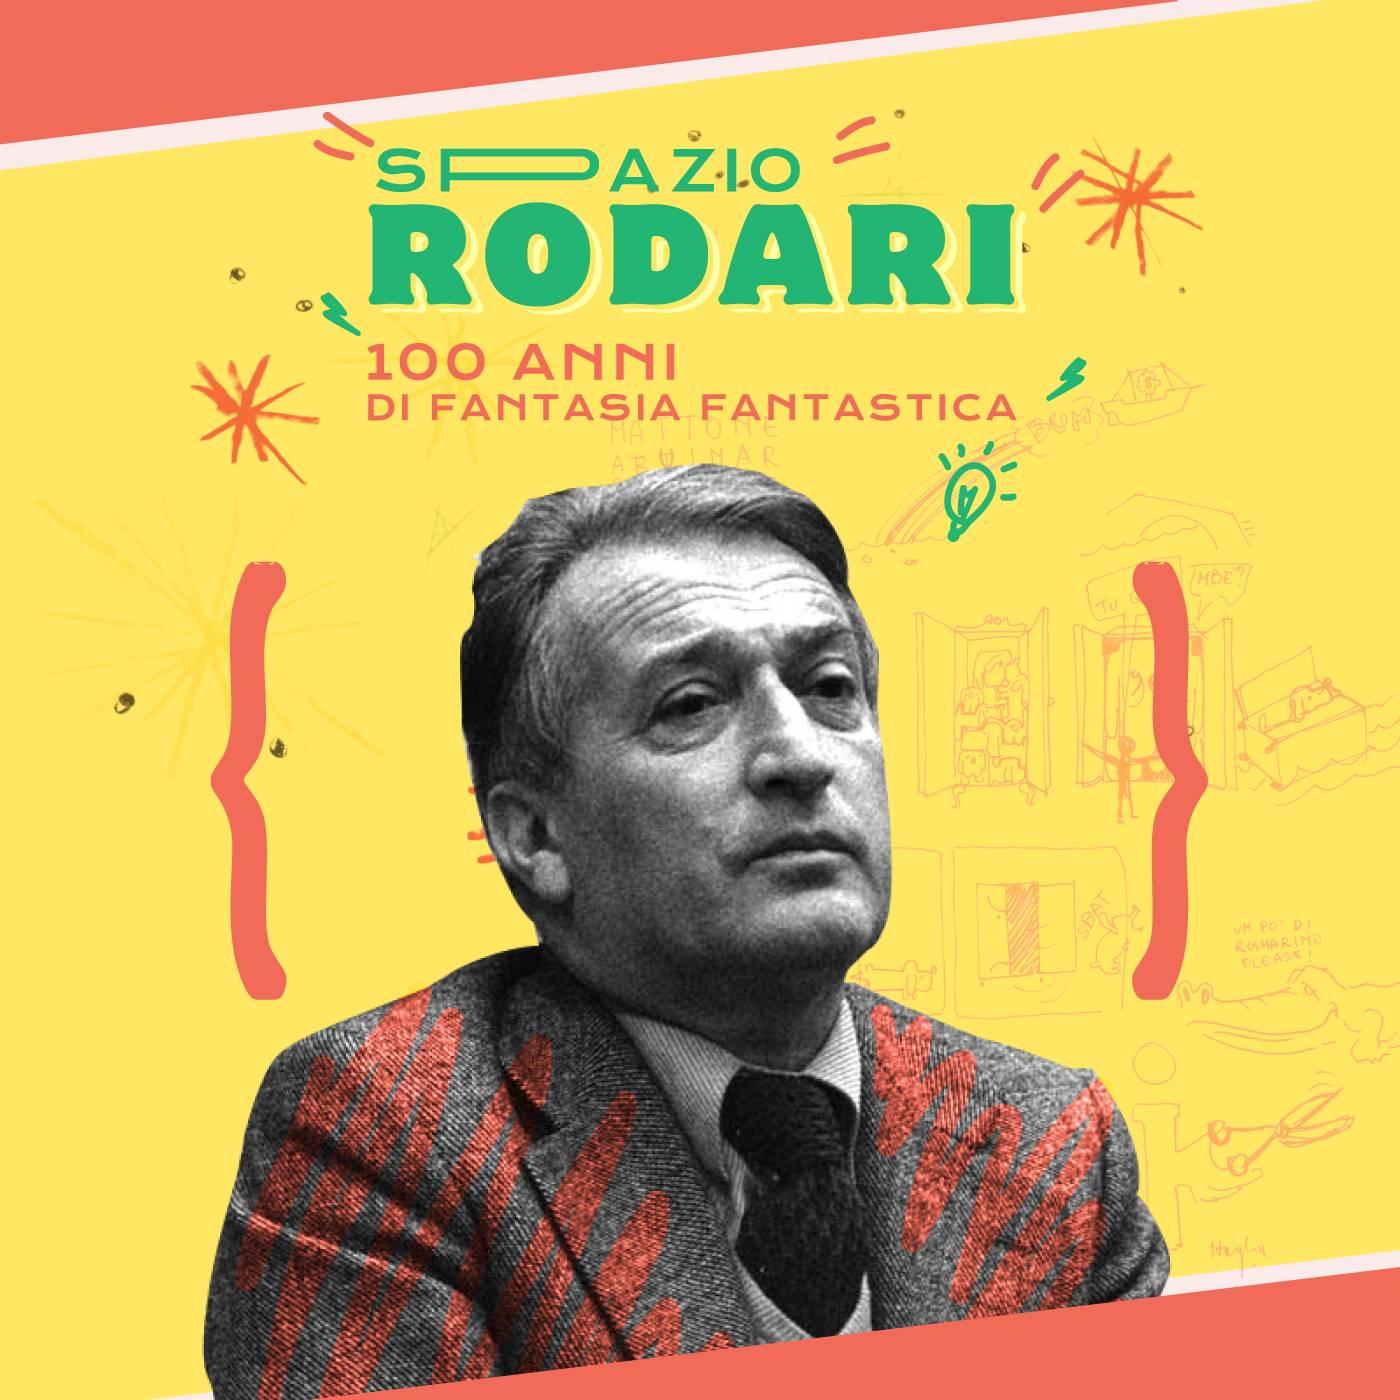 Spazio Rodari 100 anni di fantasia fantastica